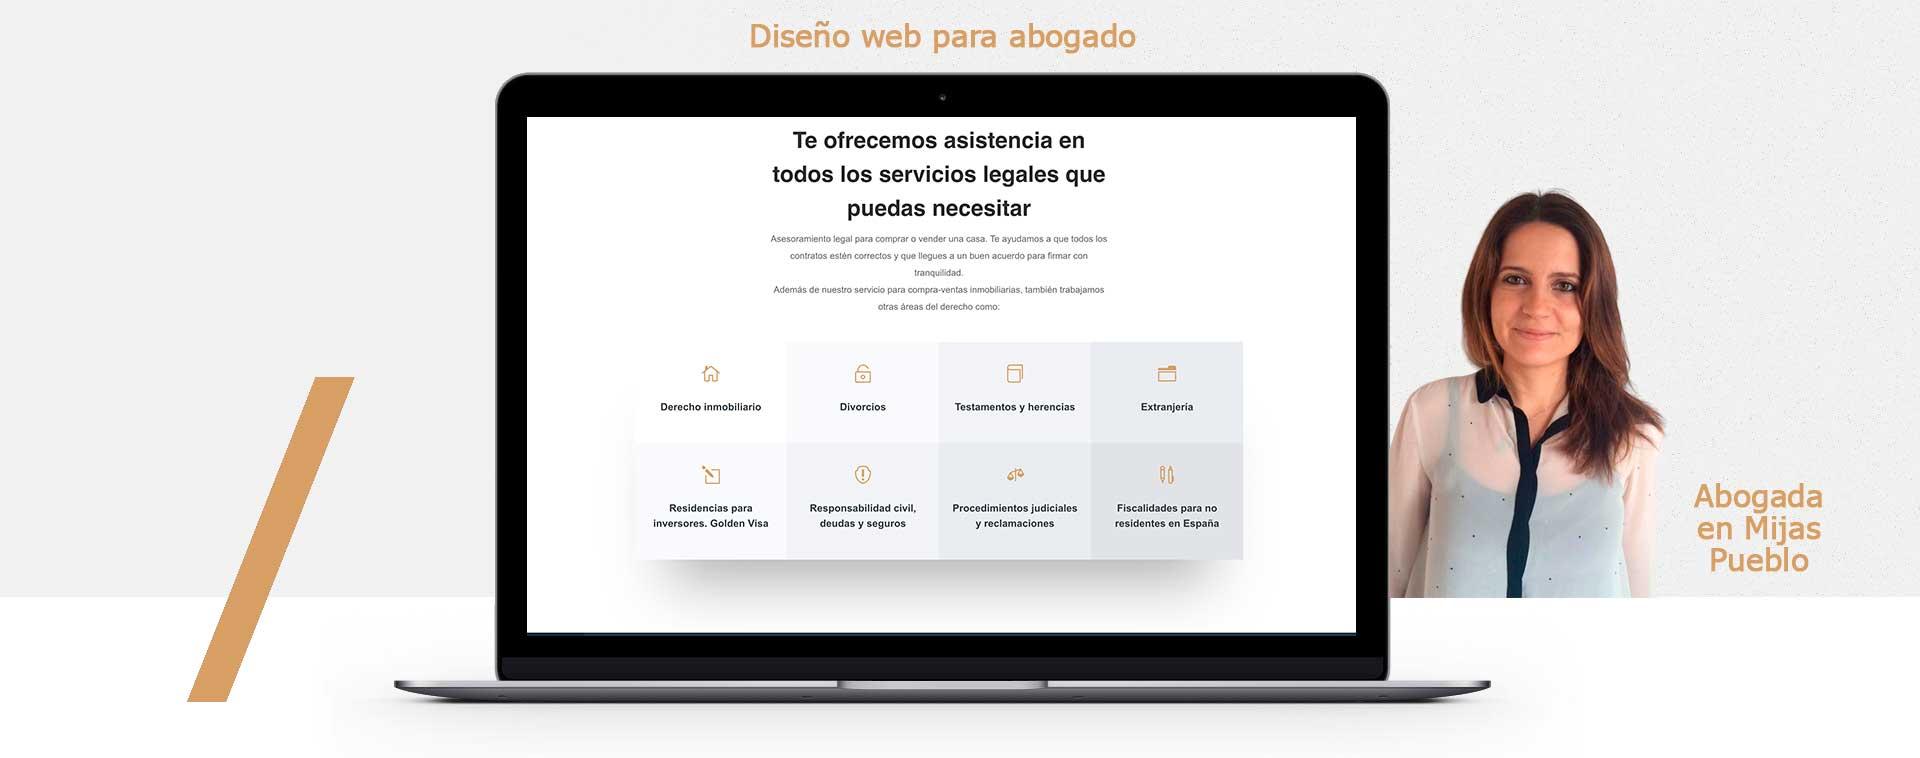 Diseño web para abogado (bufete) en Mijas pueblo Málaga